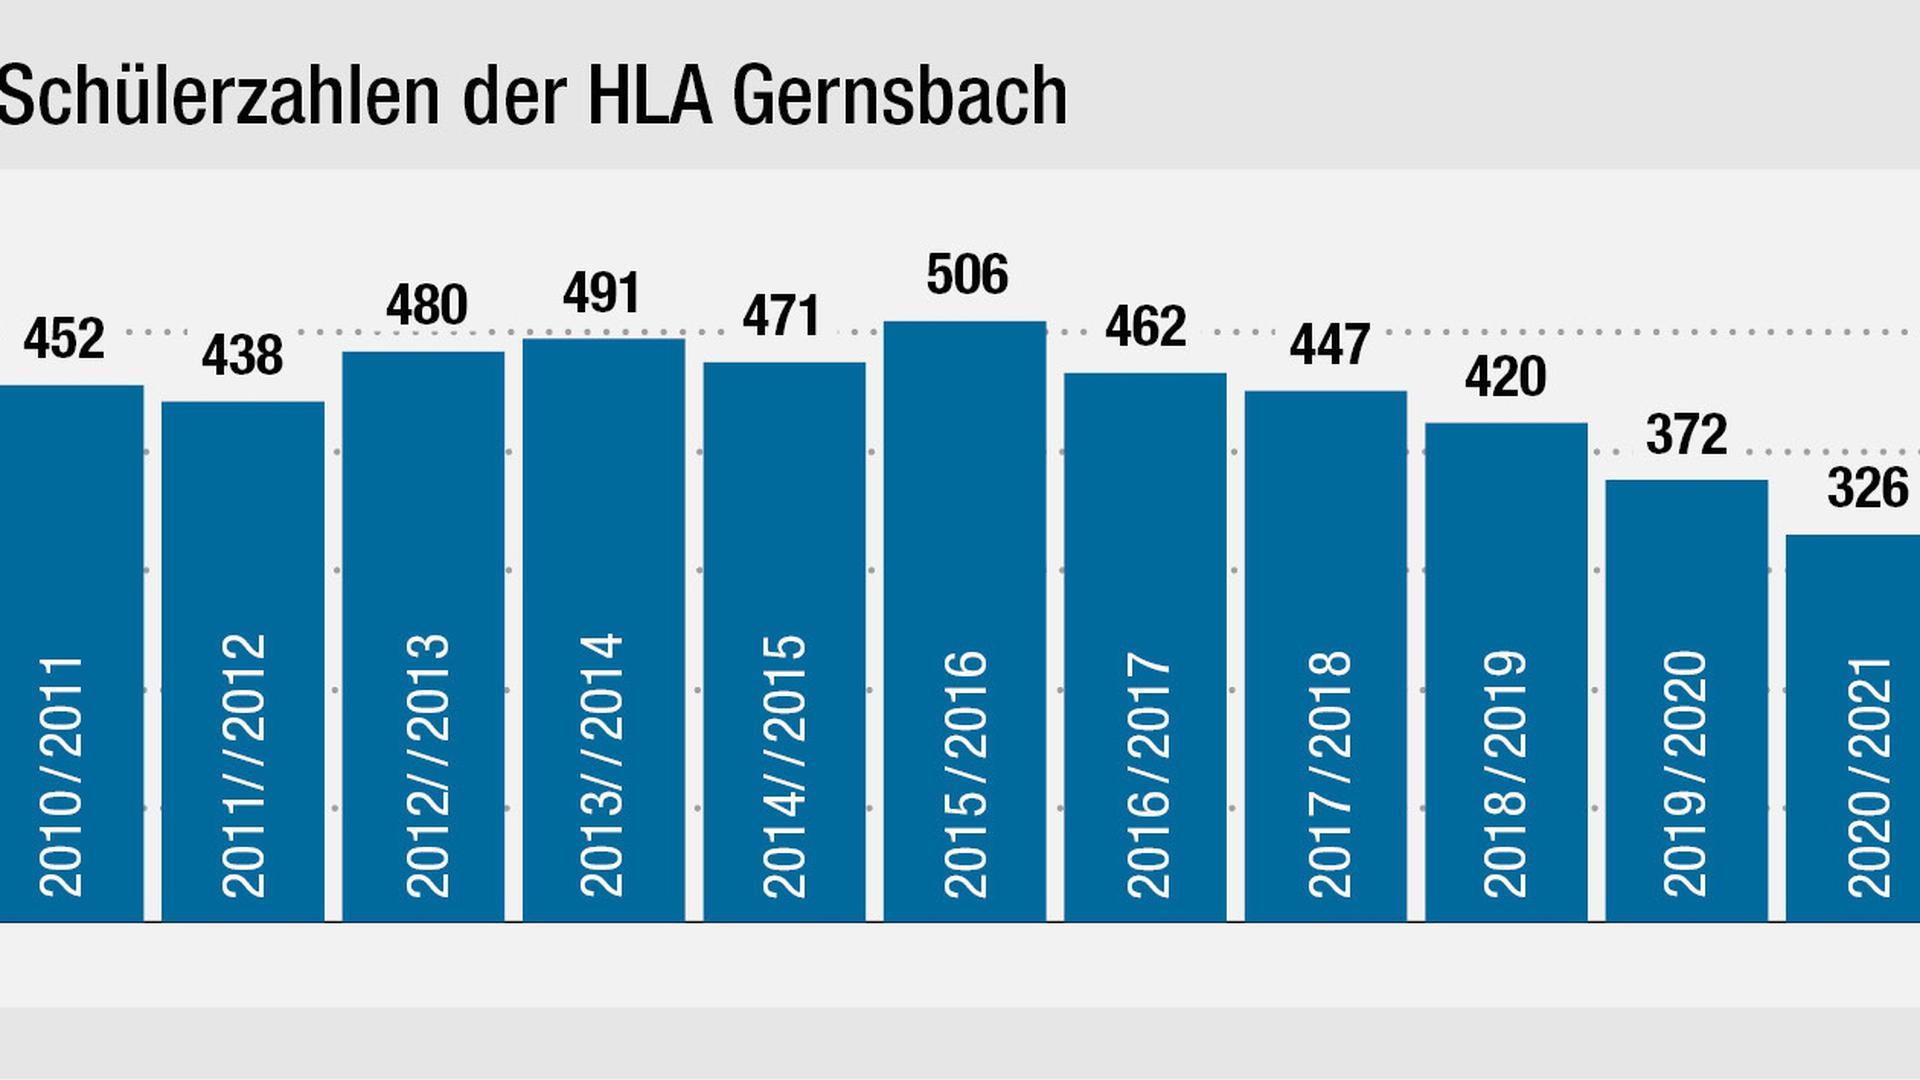 Seit Jahren sinkt die Schülerzahl: Im laufenden Schuljahr hat die Handelslehranstalt in Gernsbach nur noch 326 Schüler.